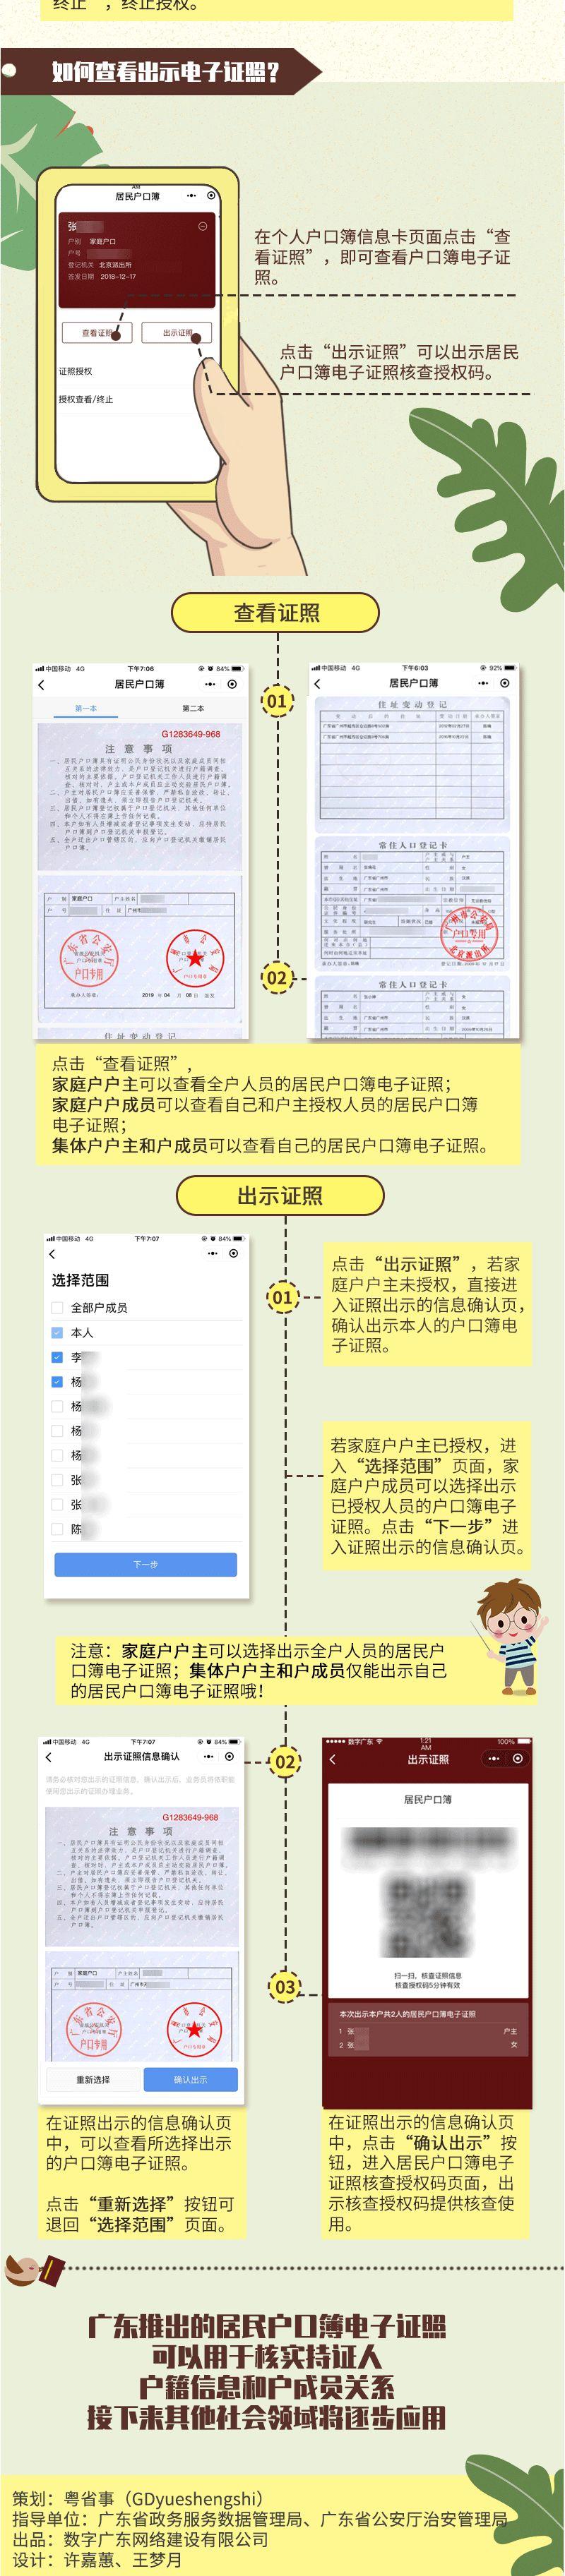 广东居民户口簿也有电子证照啦!